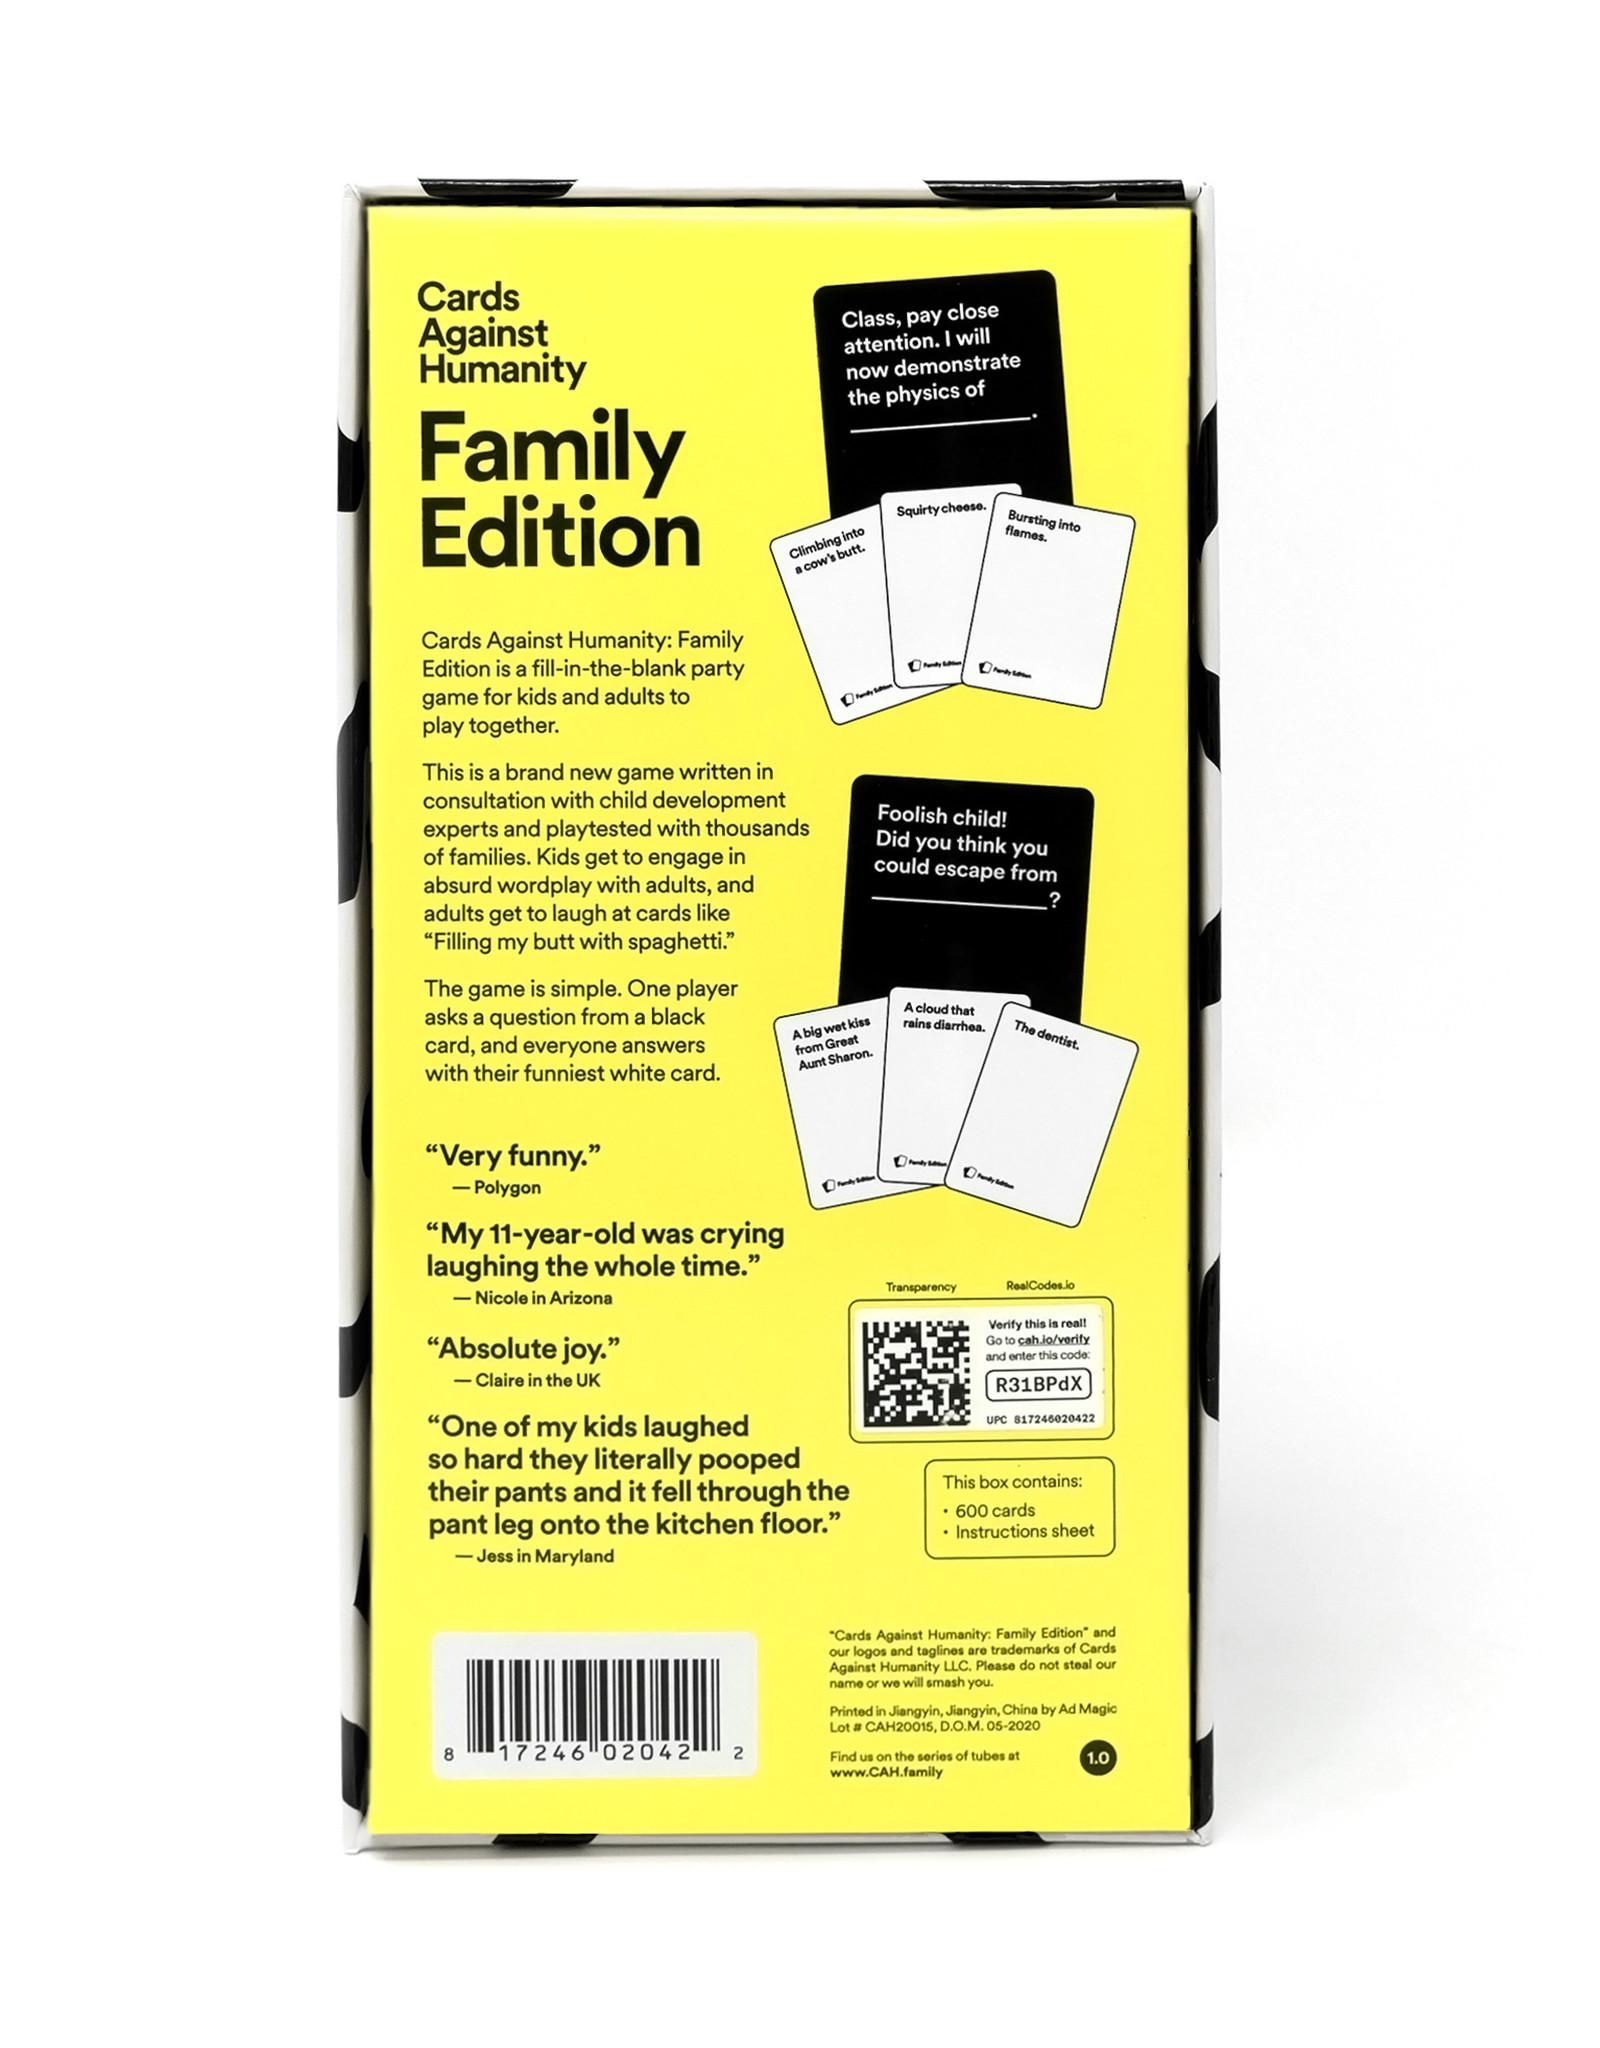 Cards Against Humanity Cards Against Humanity: Family Edition